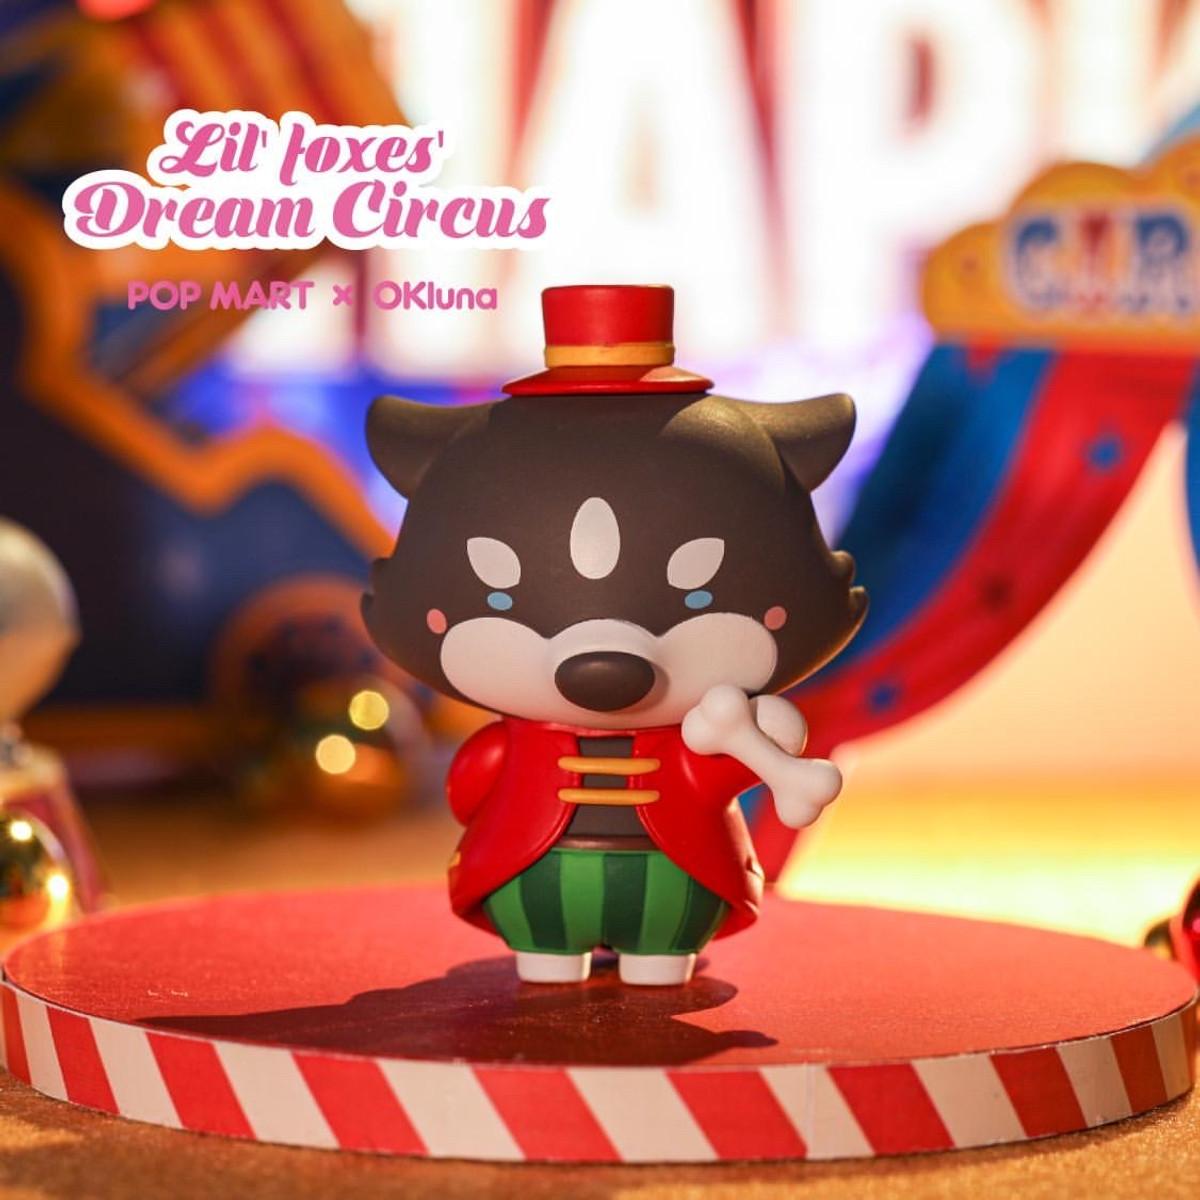 Goobi Lil Foxes Dream Circus Blind Box Series by OKLuna x POP MART